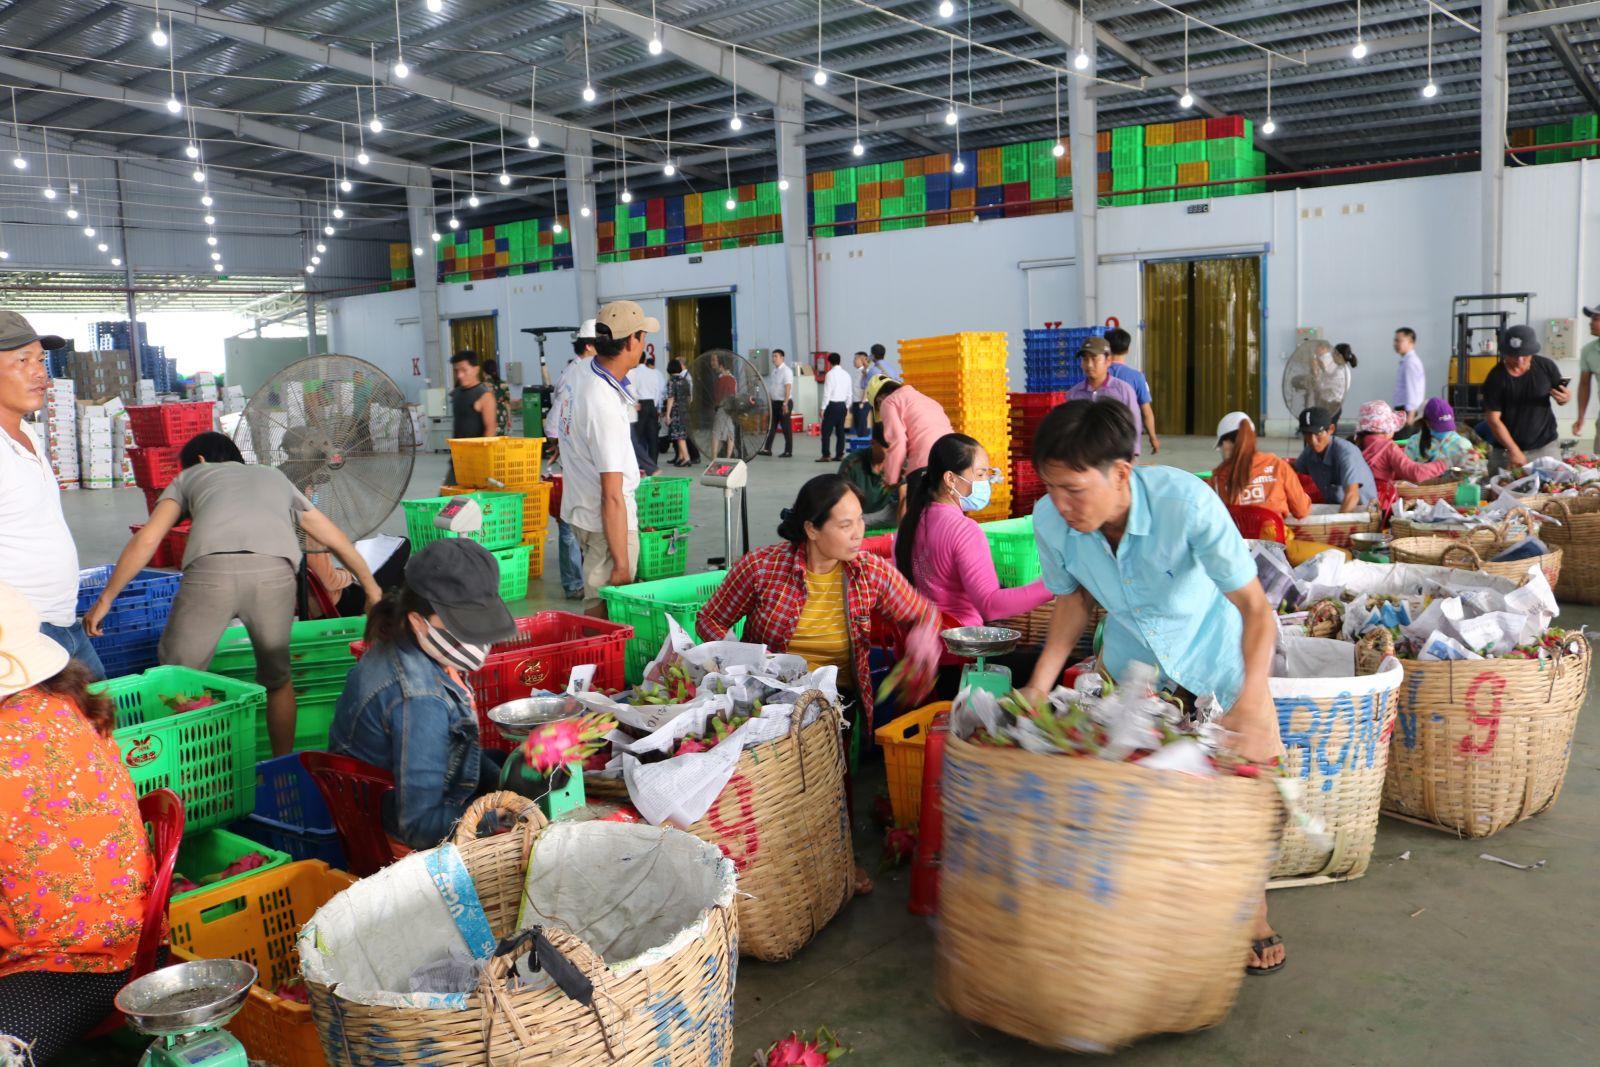 Hợp tác xã nông nghiệp hoạt động hiệu quả sẽ góp phần trong xây dựng nông thôn mới